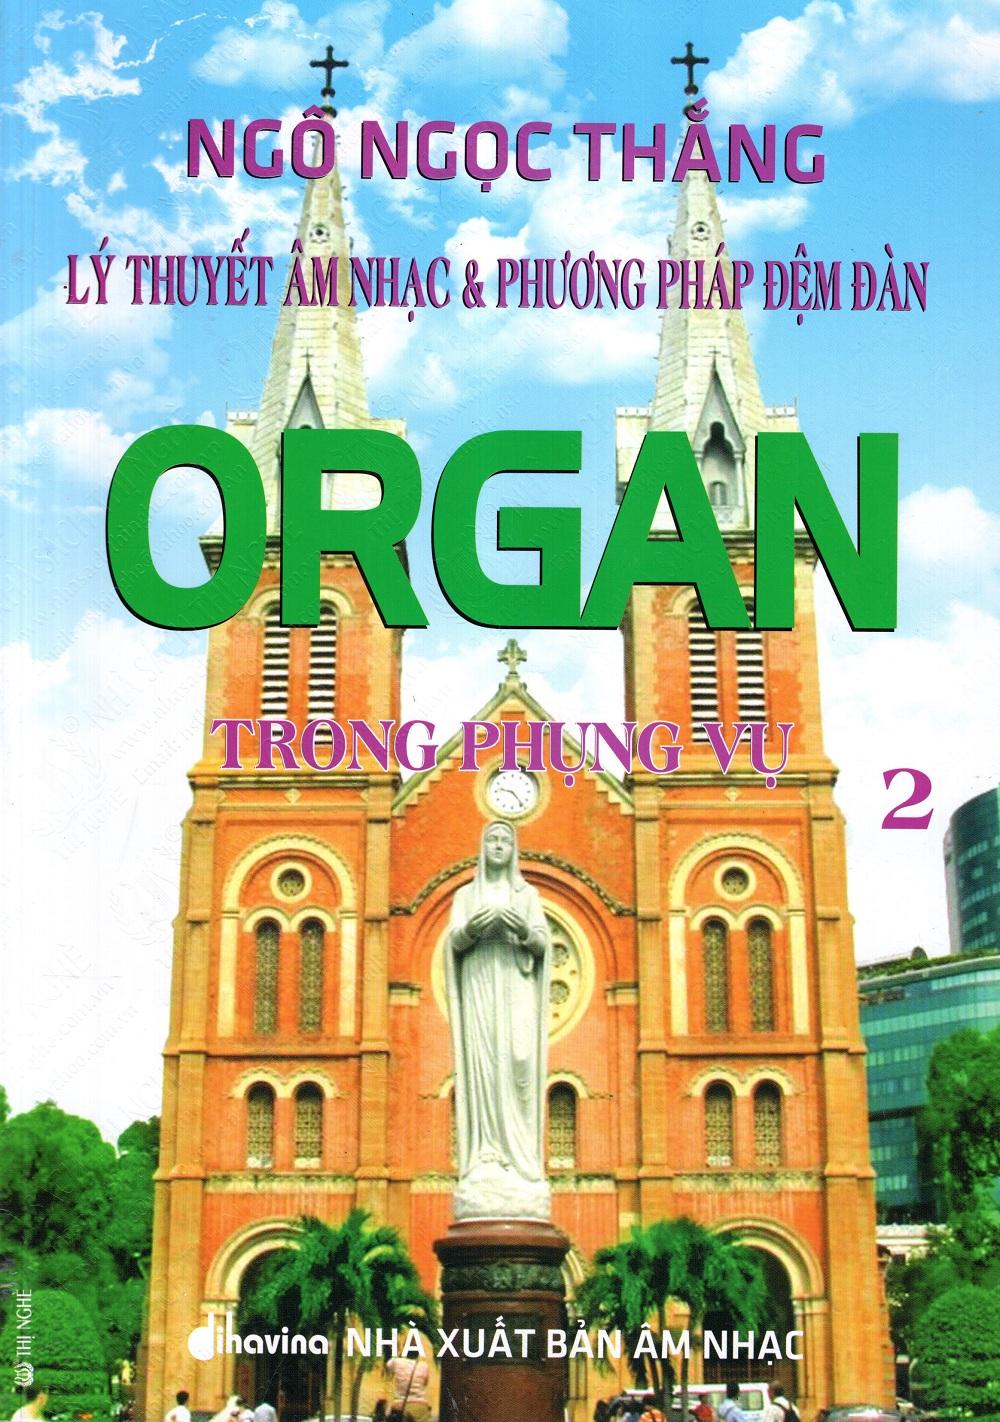 Bìa sách Lý Thuyết Âm Nhạc  Phương Pháp Đệm Đàn Organ Trong Phụng Vụ (Tập 2)